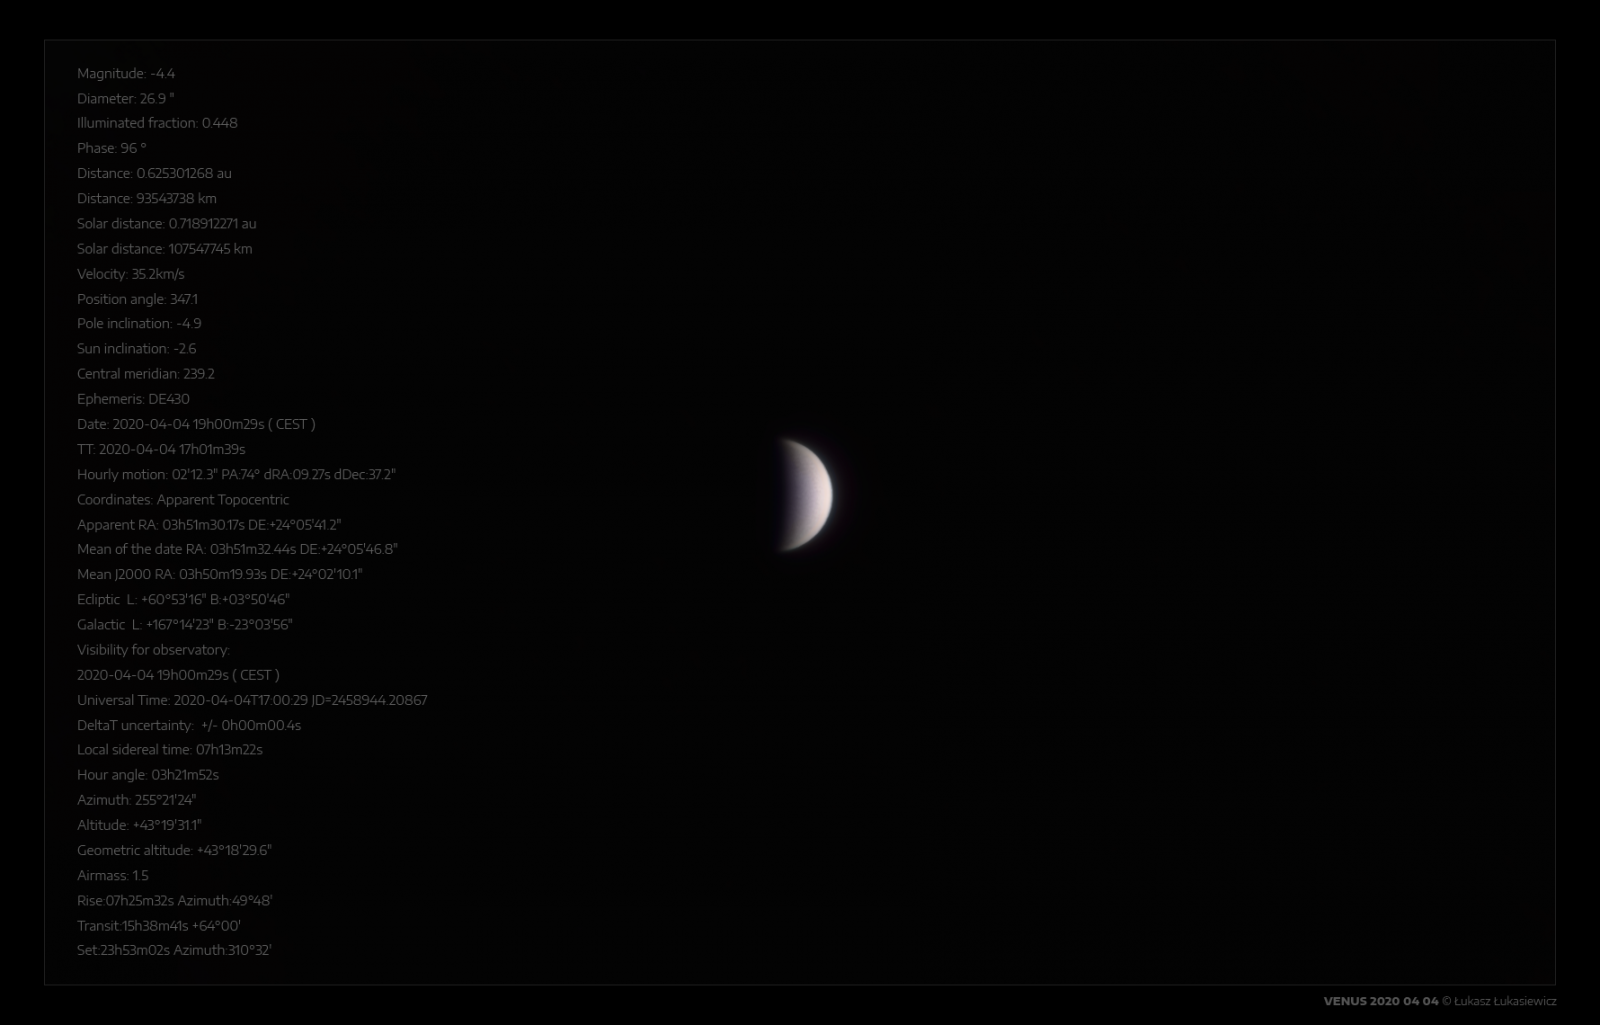 VENUS-2020-04-04d.png